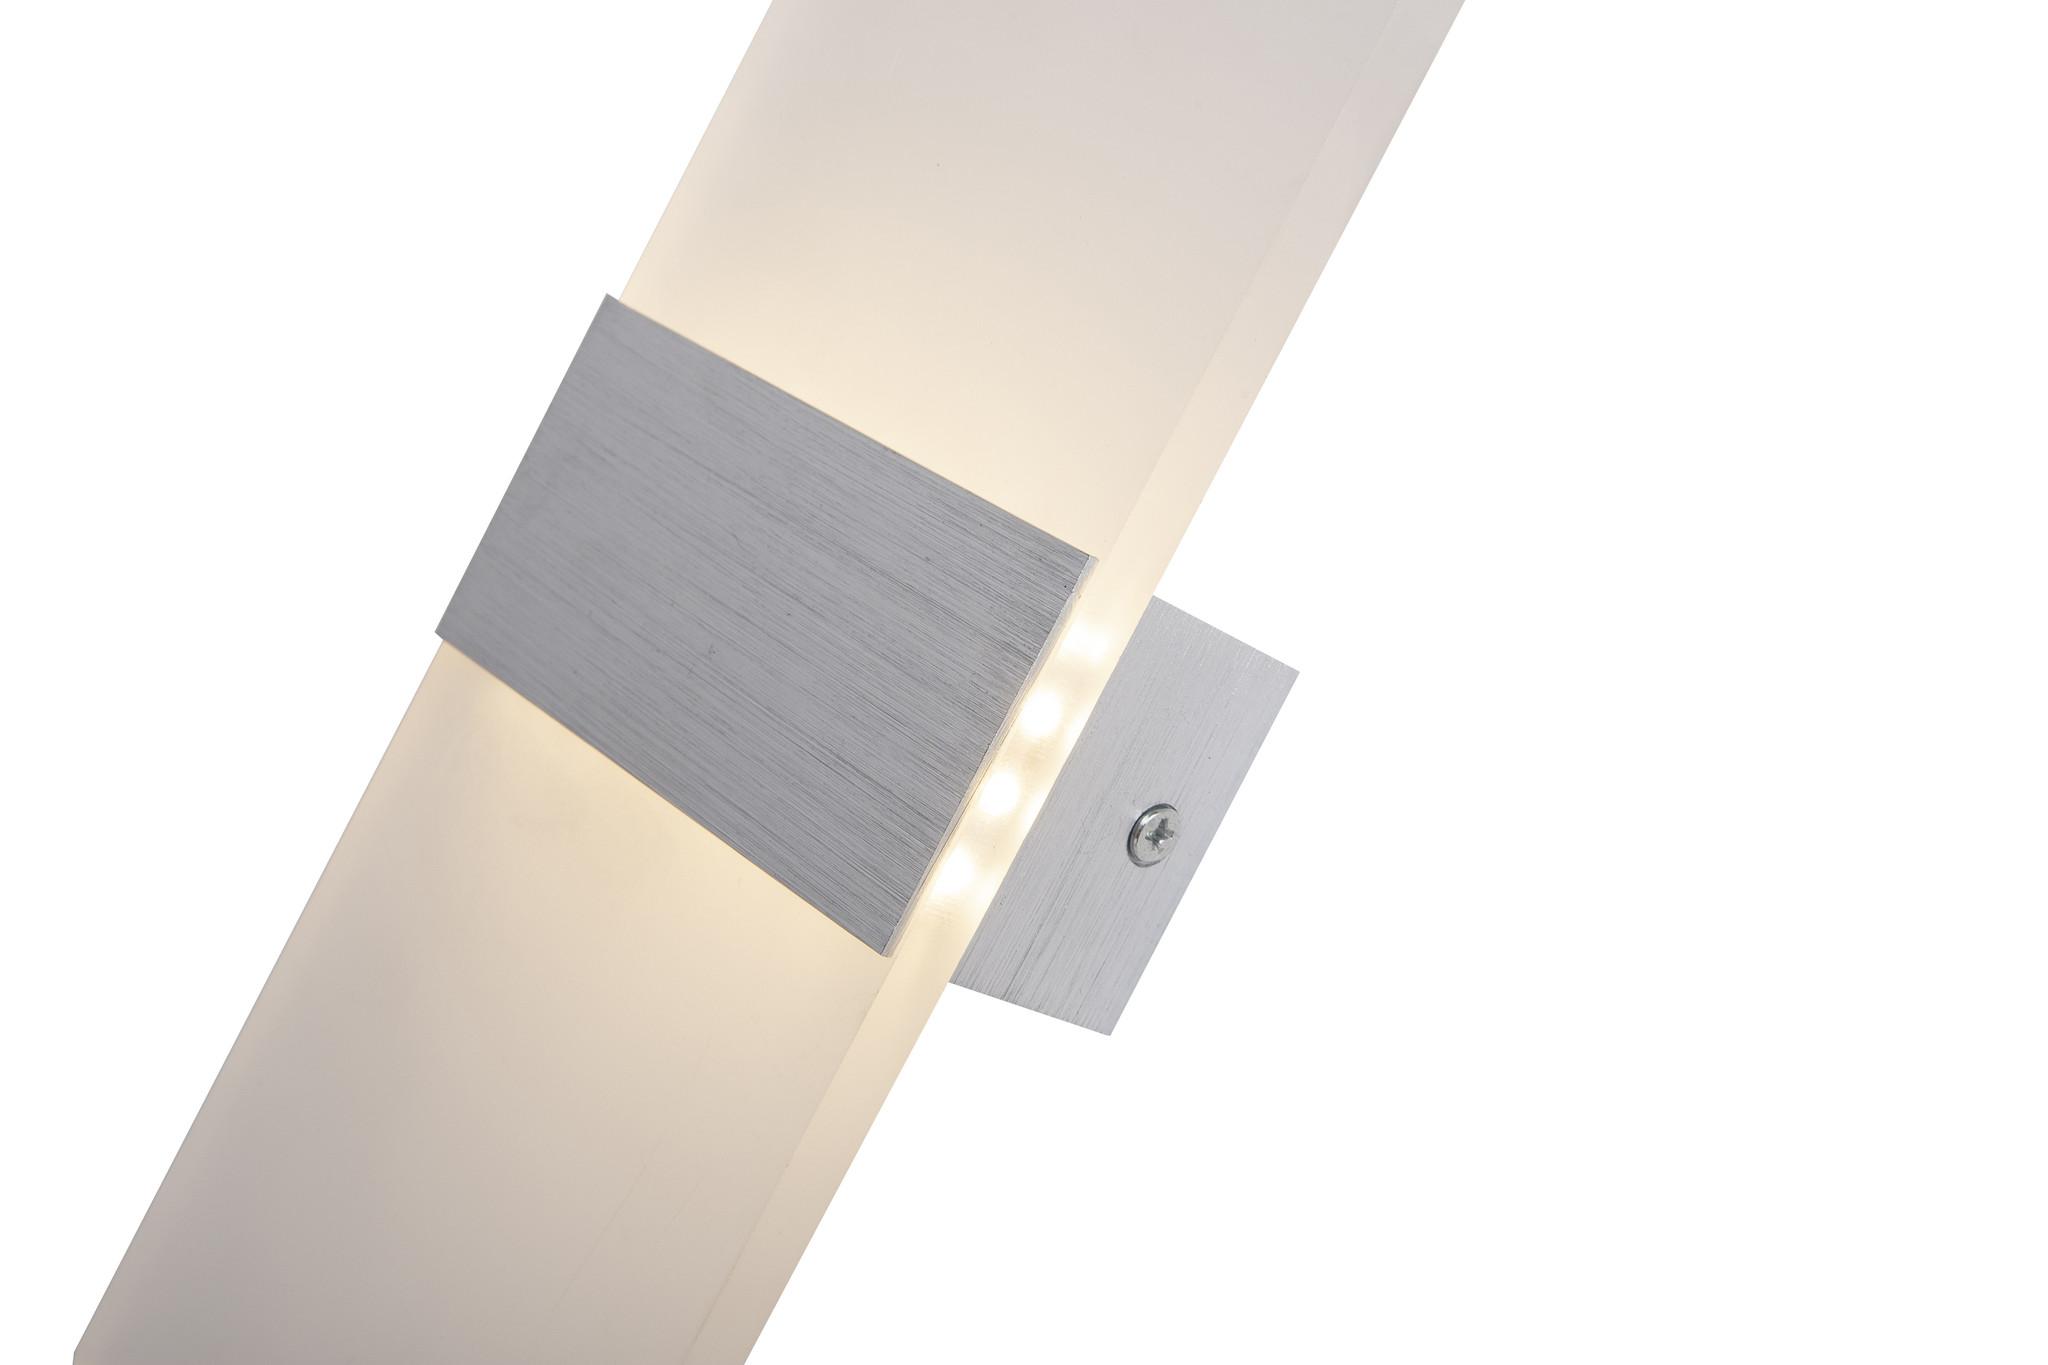 Scaldare Wandlamp LED Design Zilver Rechthoek Scaldare Piano